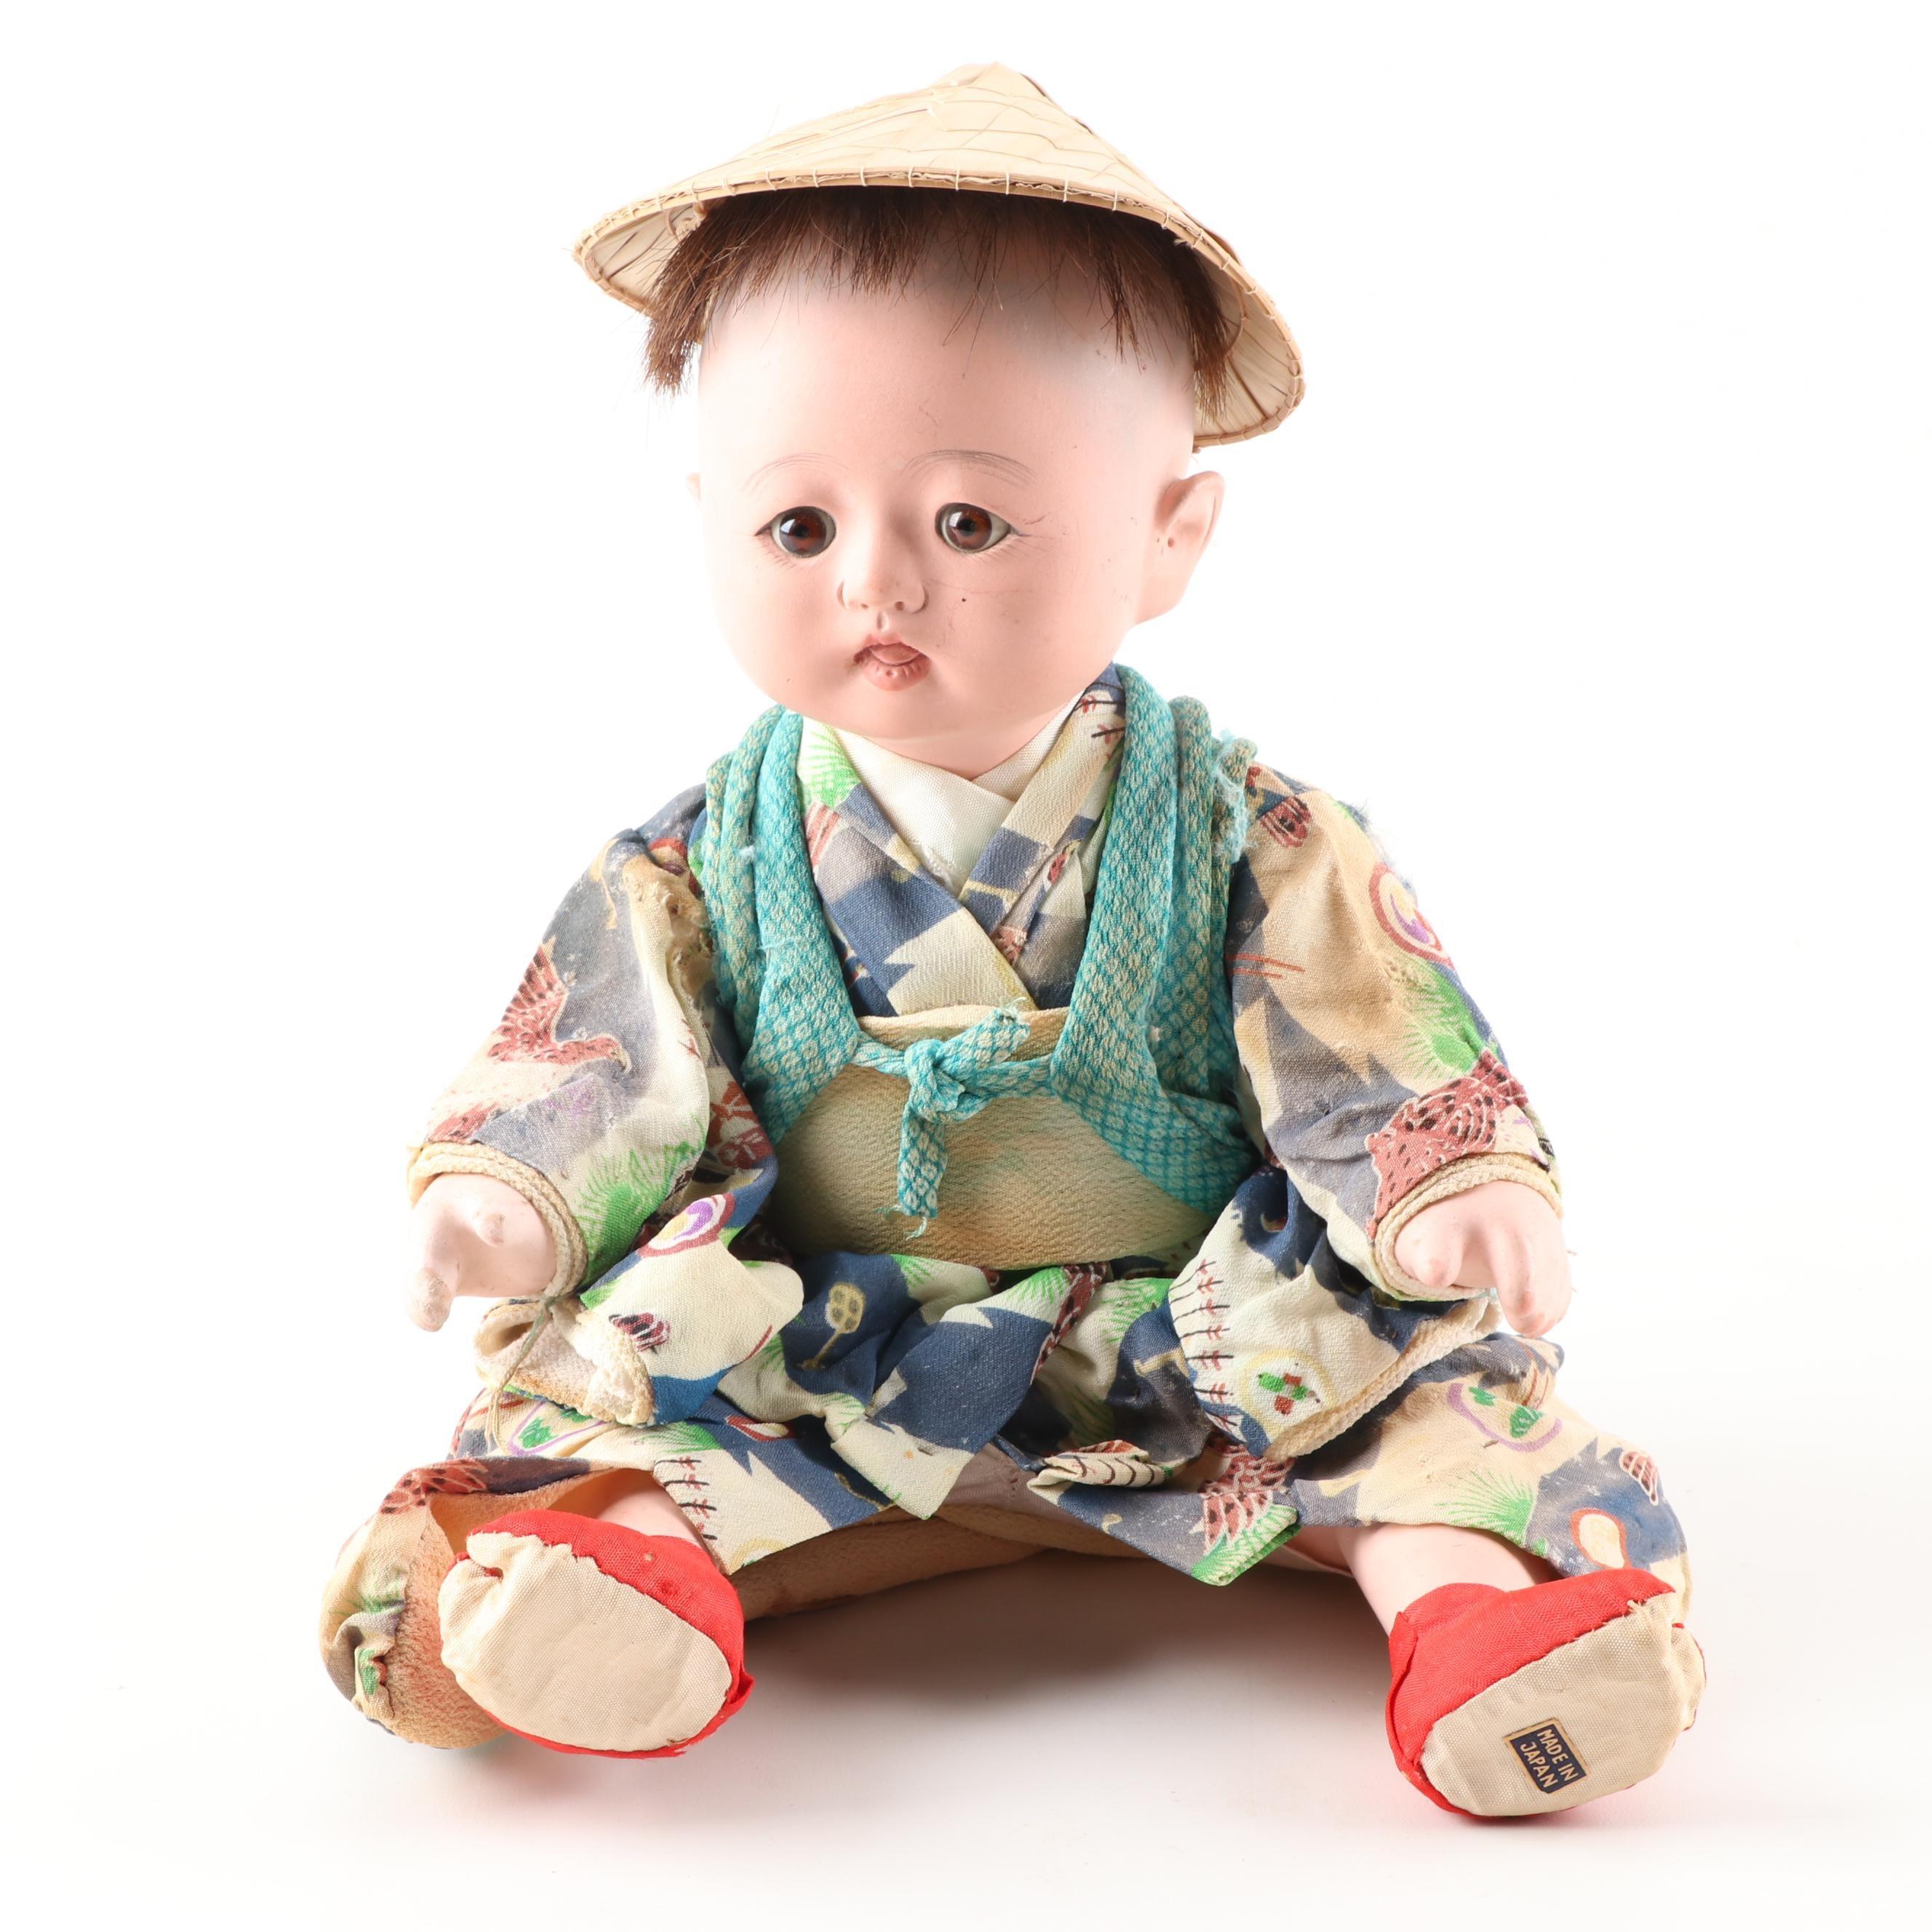 Japanese Ceramic Doll